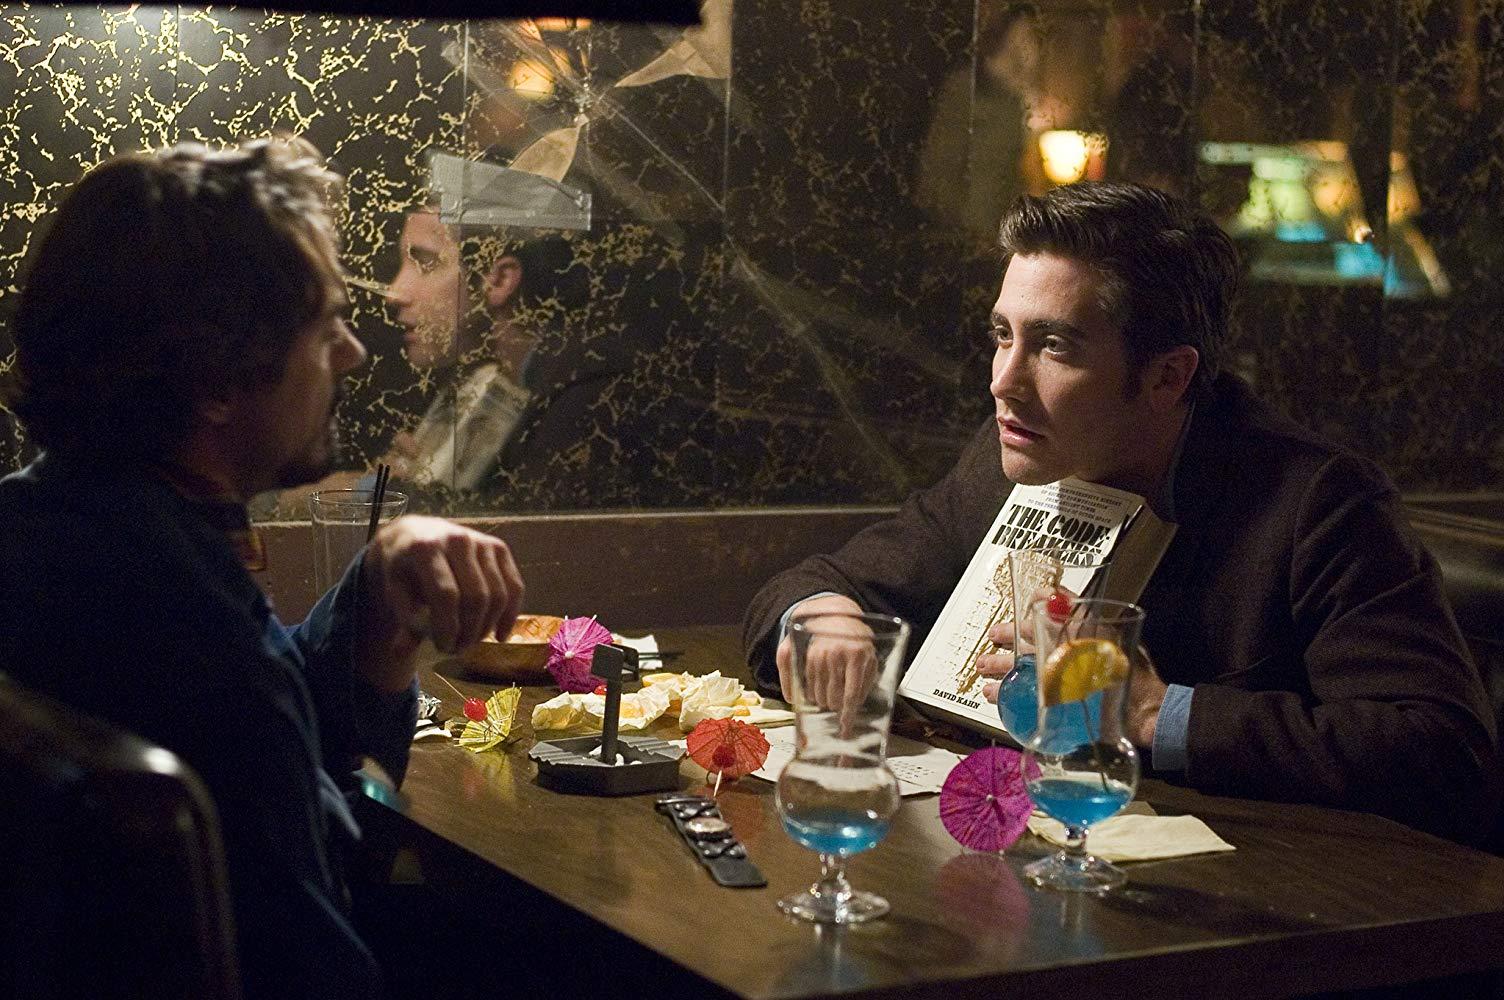 تعقیب یک جنایت سریالی در آمریکا با «زودیاک»